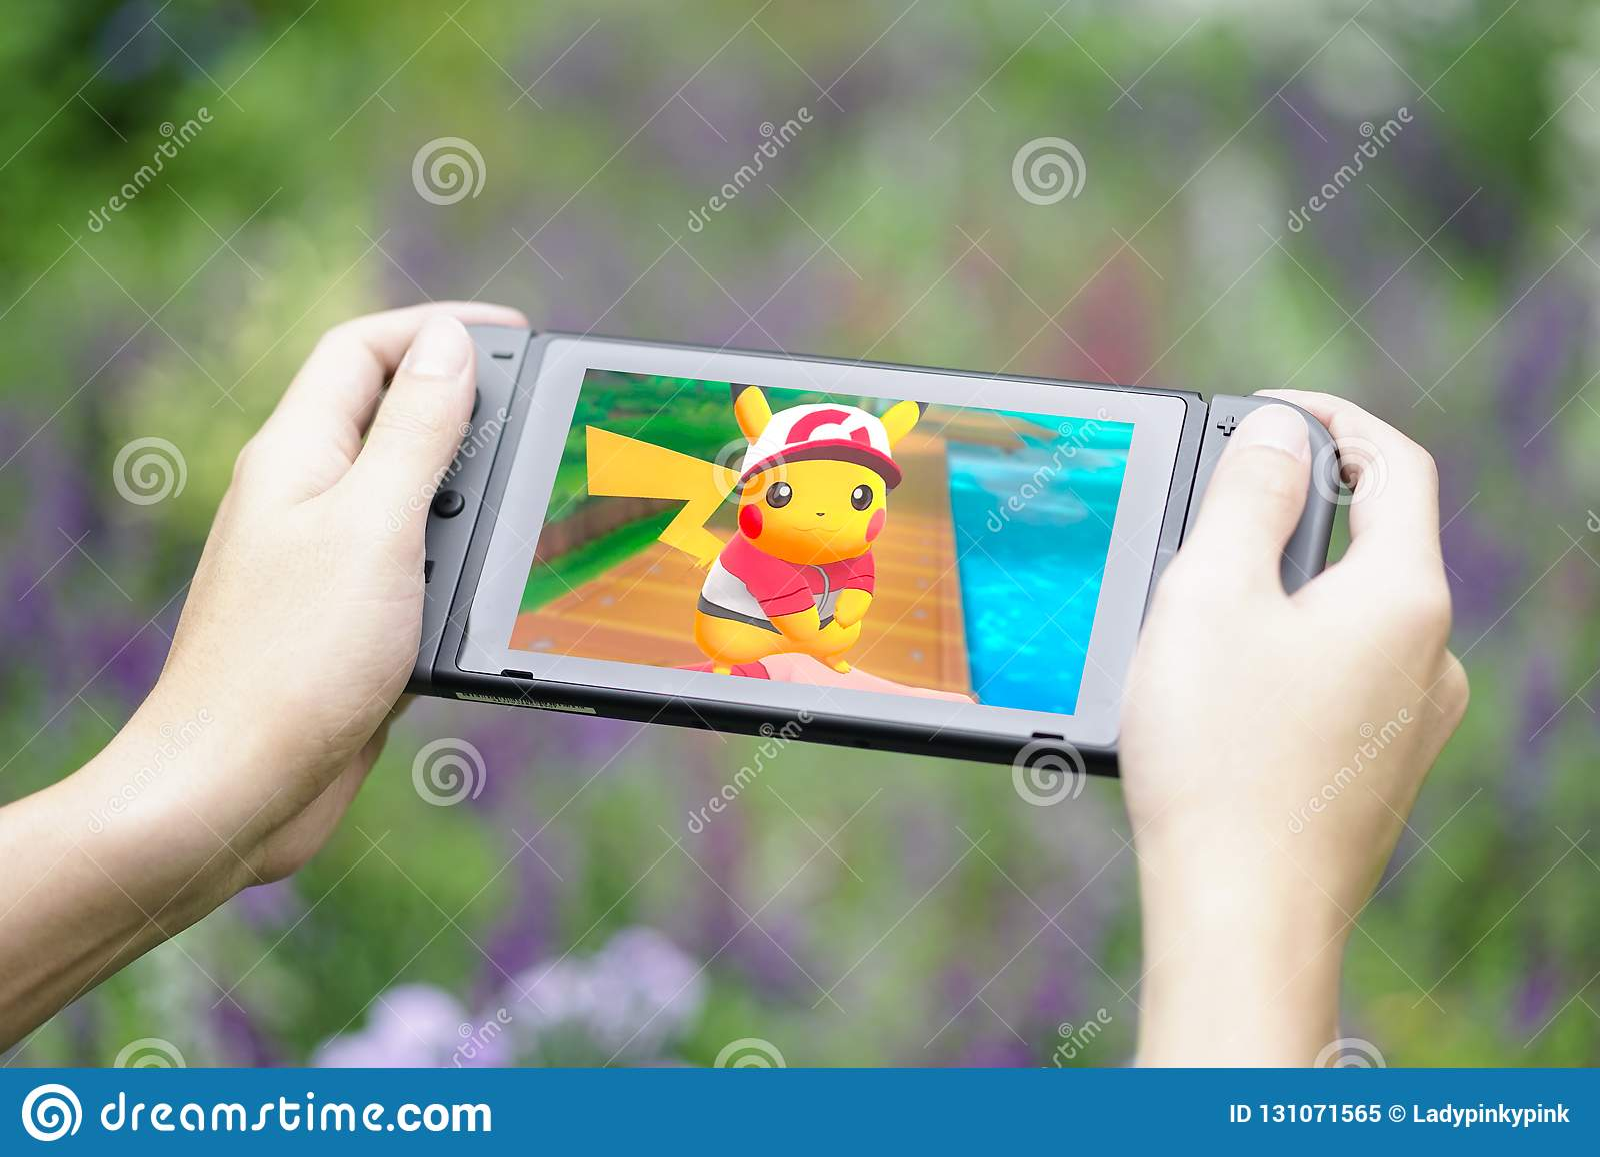 Handen die van gamer Nintendo-Schakelaar houden terwijl het spelen Pokemon Pikachu in de tuin gaan